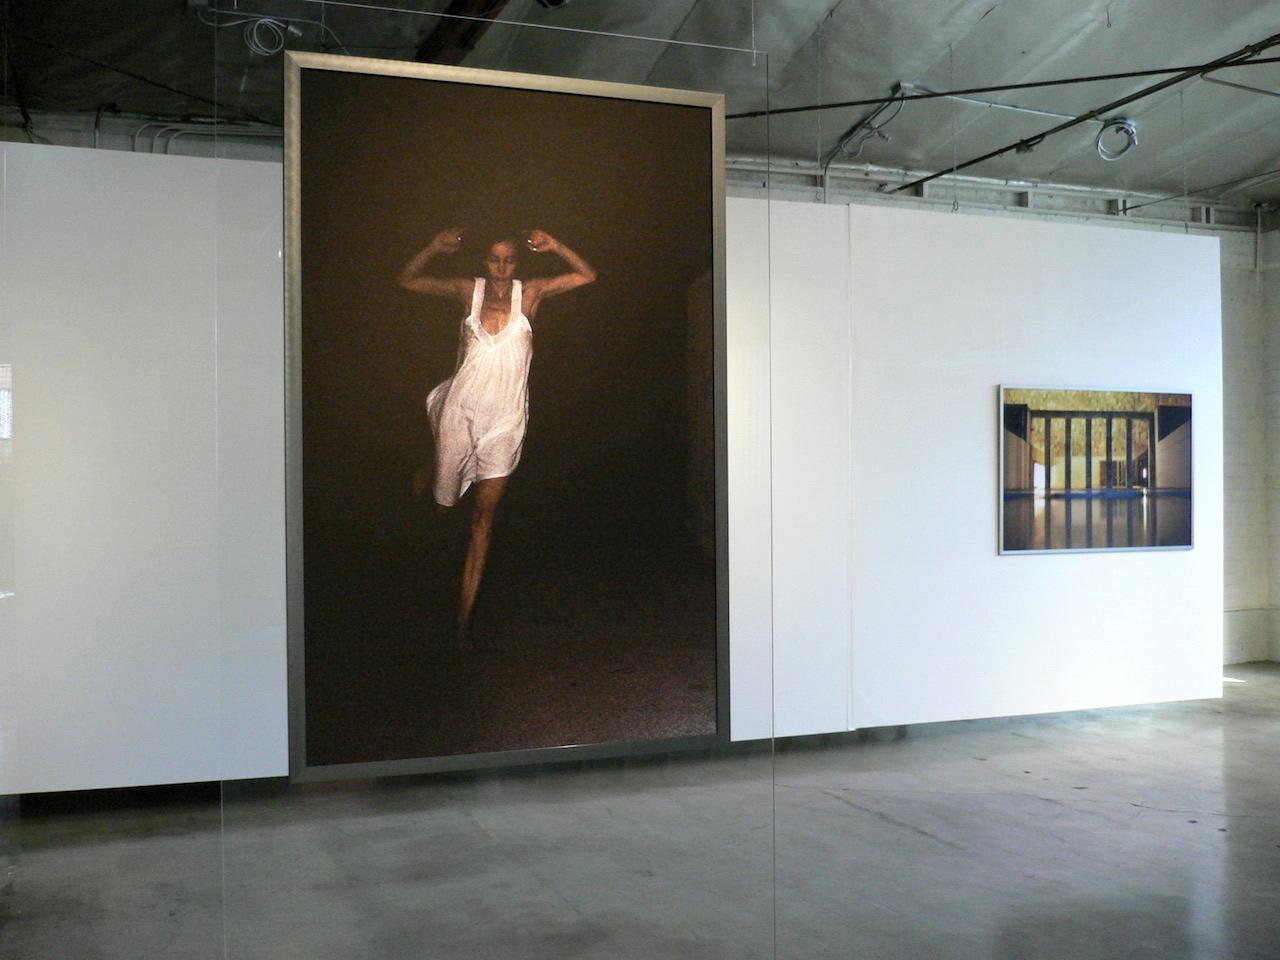 LA FINESTRA-Midair-LA-2007-6.JPG